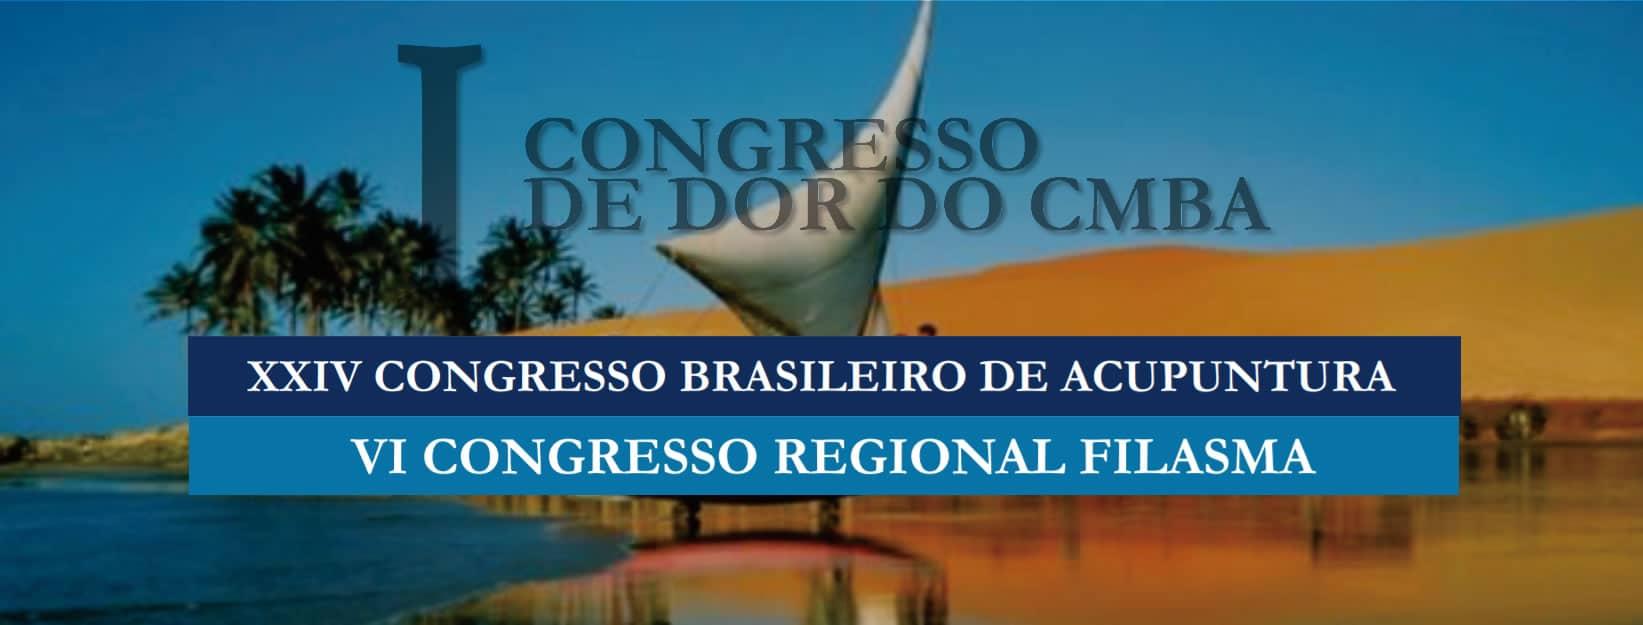 Congresso de Dor do CMBA